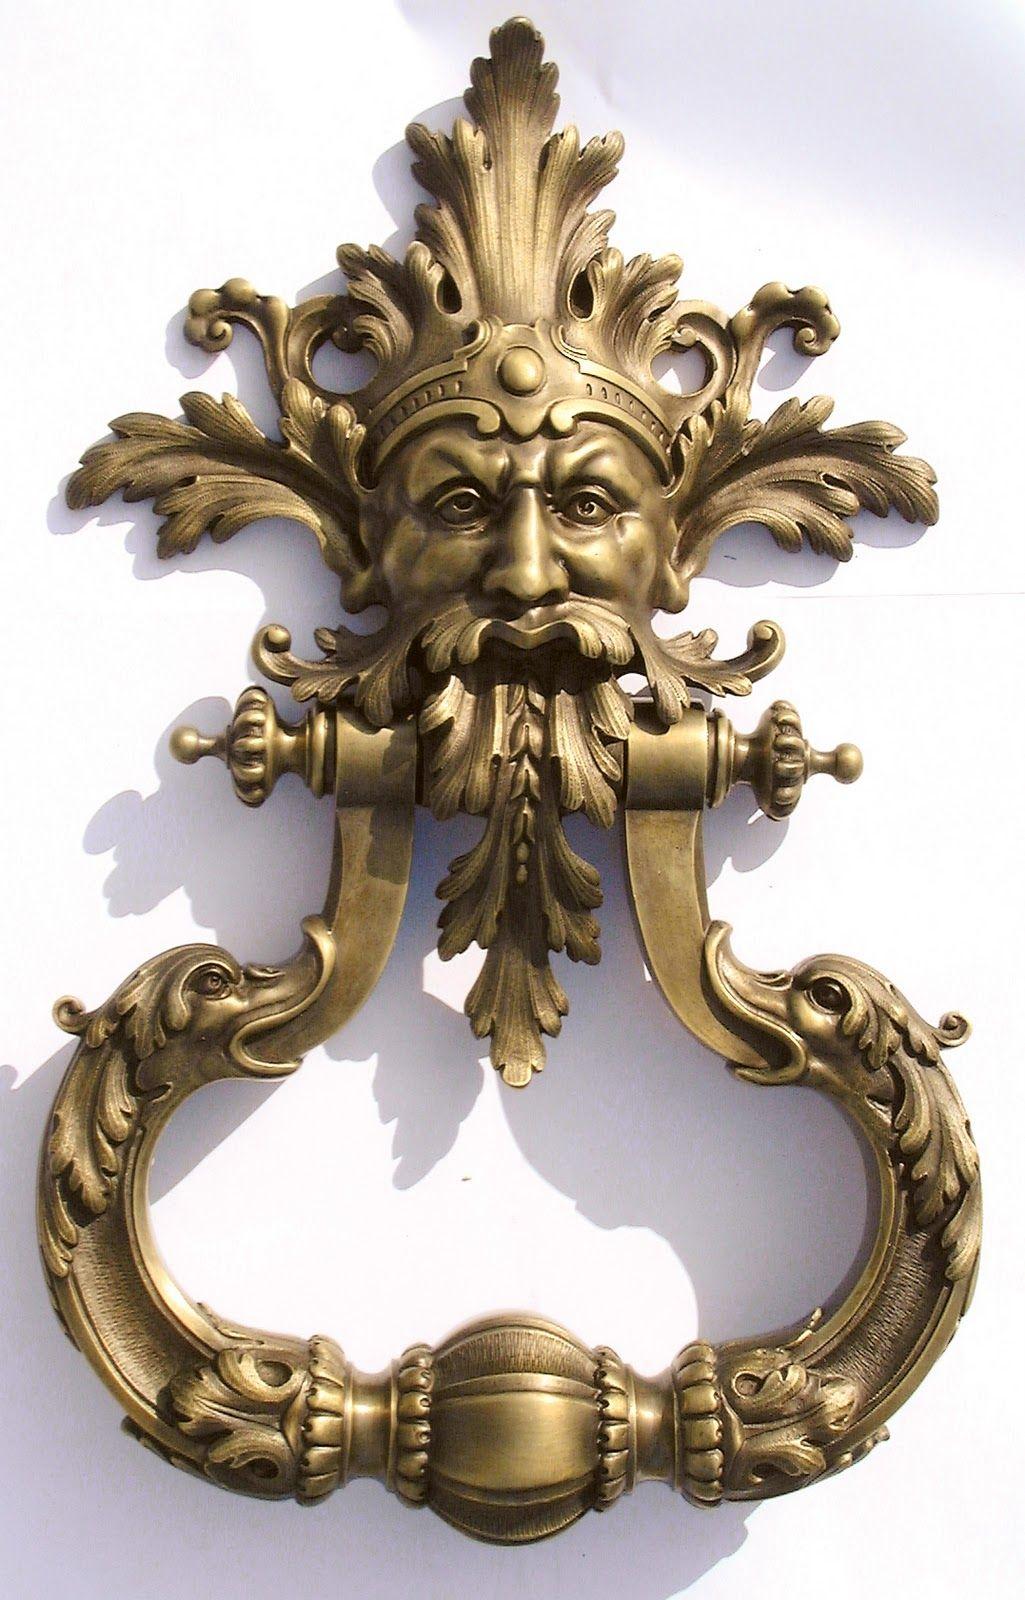 Bronzes De France   Way Cool Door Knocker!